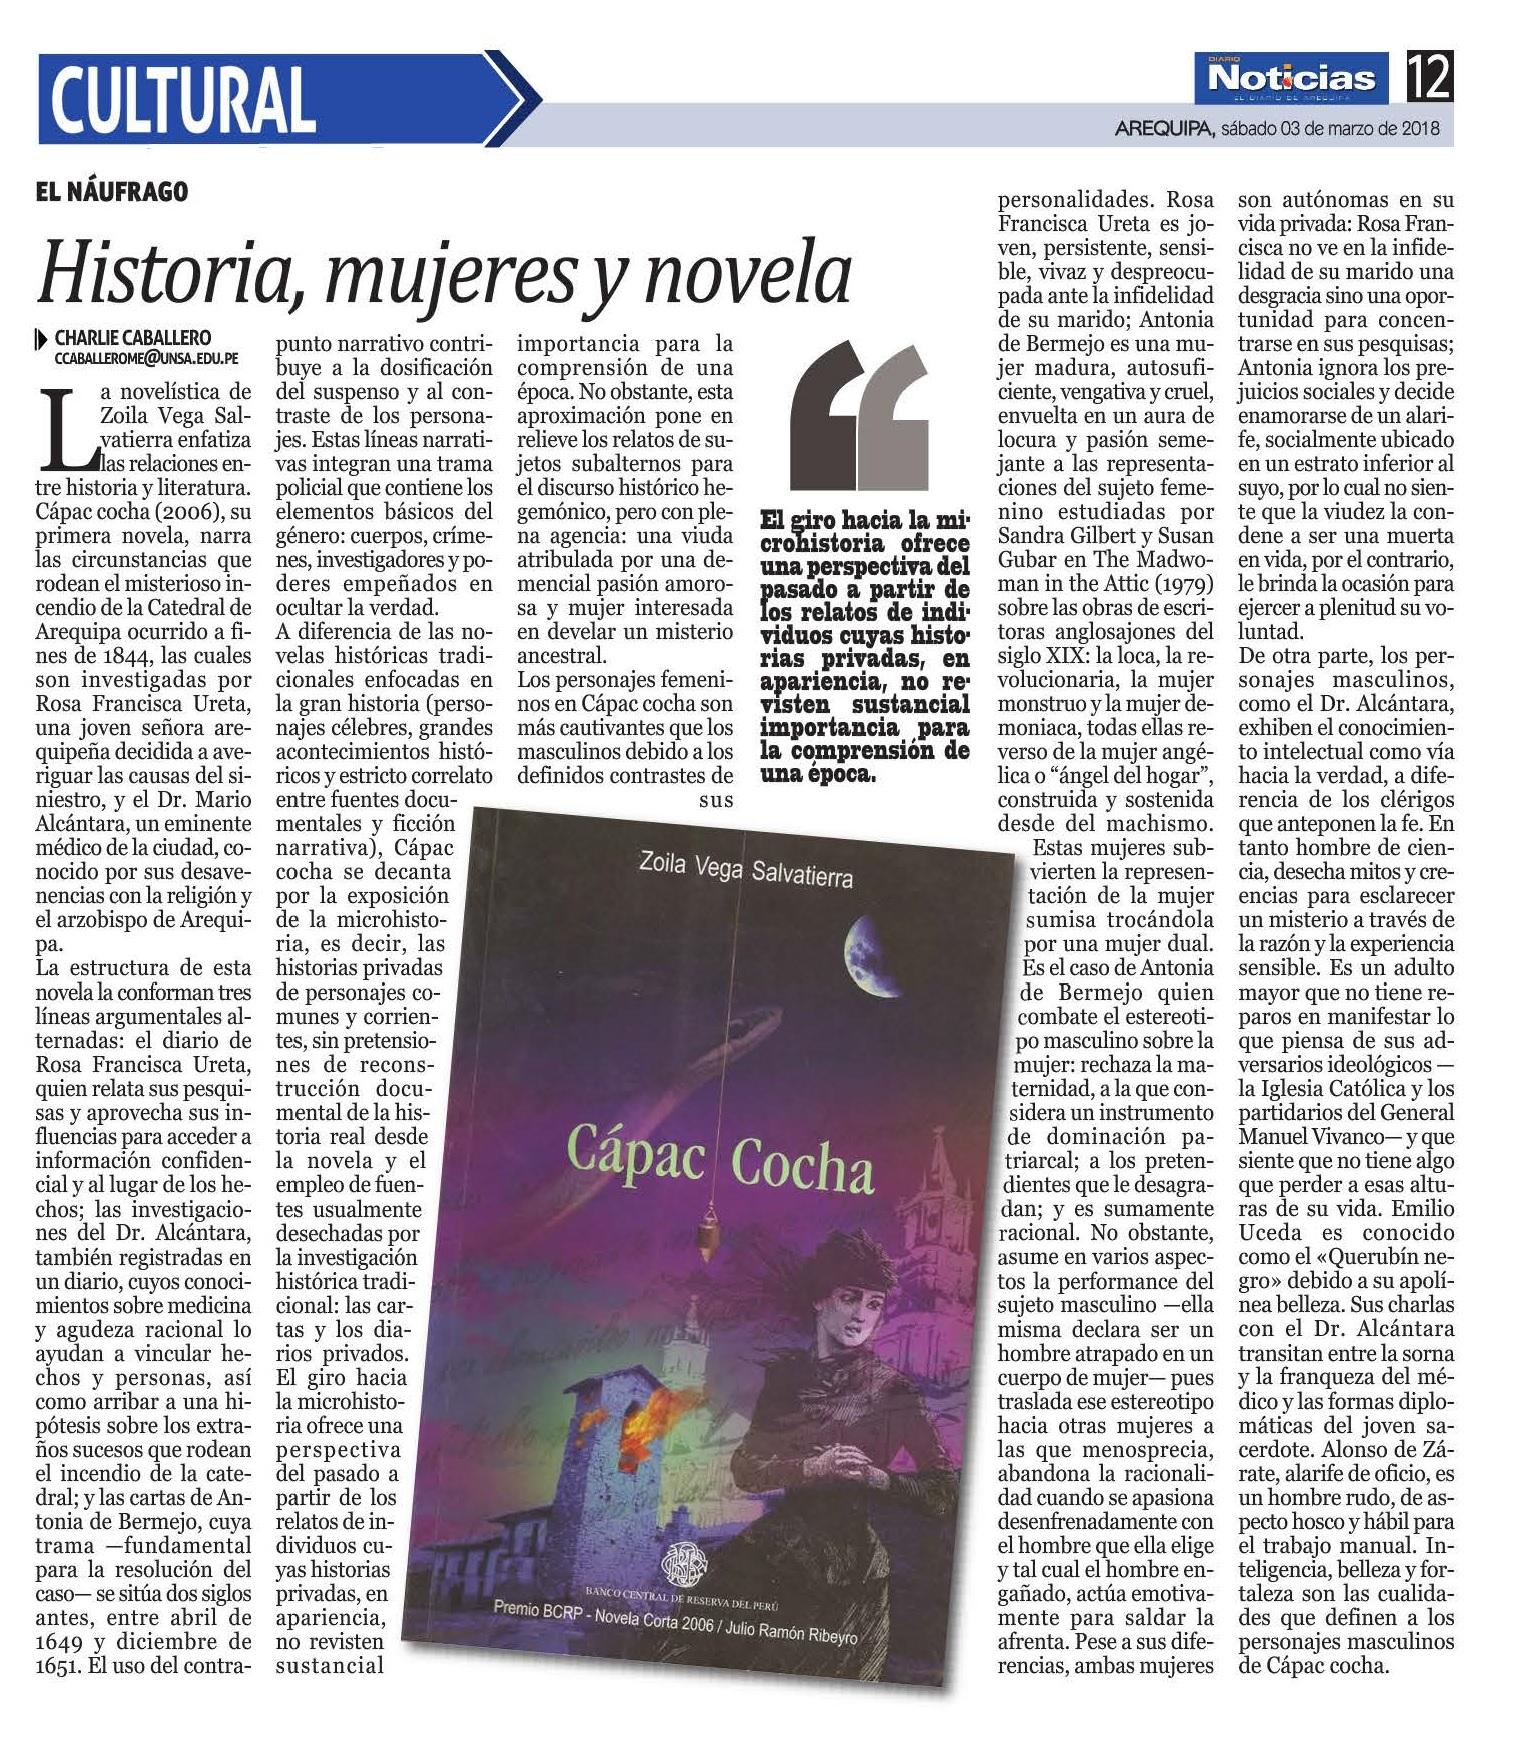 ... de la novela a la historia no son las cuestiones medulares sino la  reactualización de viejas herencias coloniales contadas en clave policial.